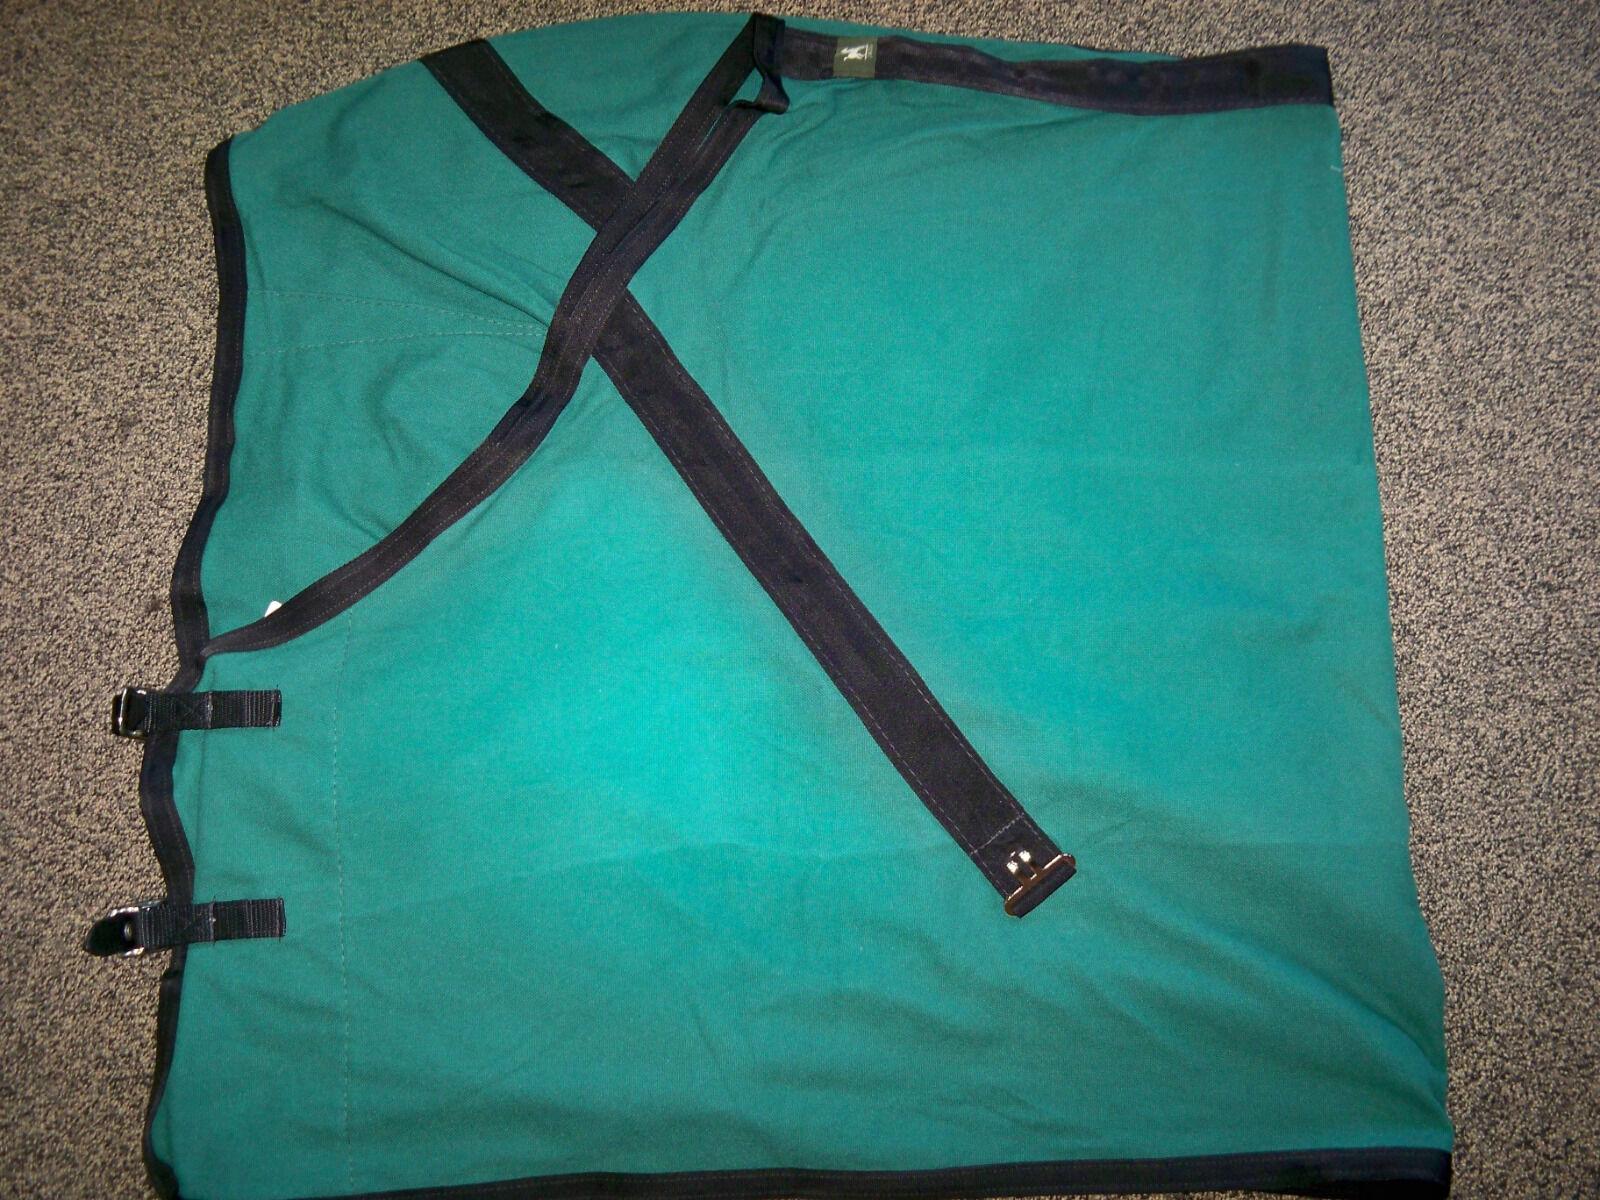 Nuevo Nuevo Nuevo Con Etiquetas Jacks Newport estable Manta verde Oscuro Con Ribete Negro Tamaño 72   99772a